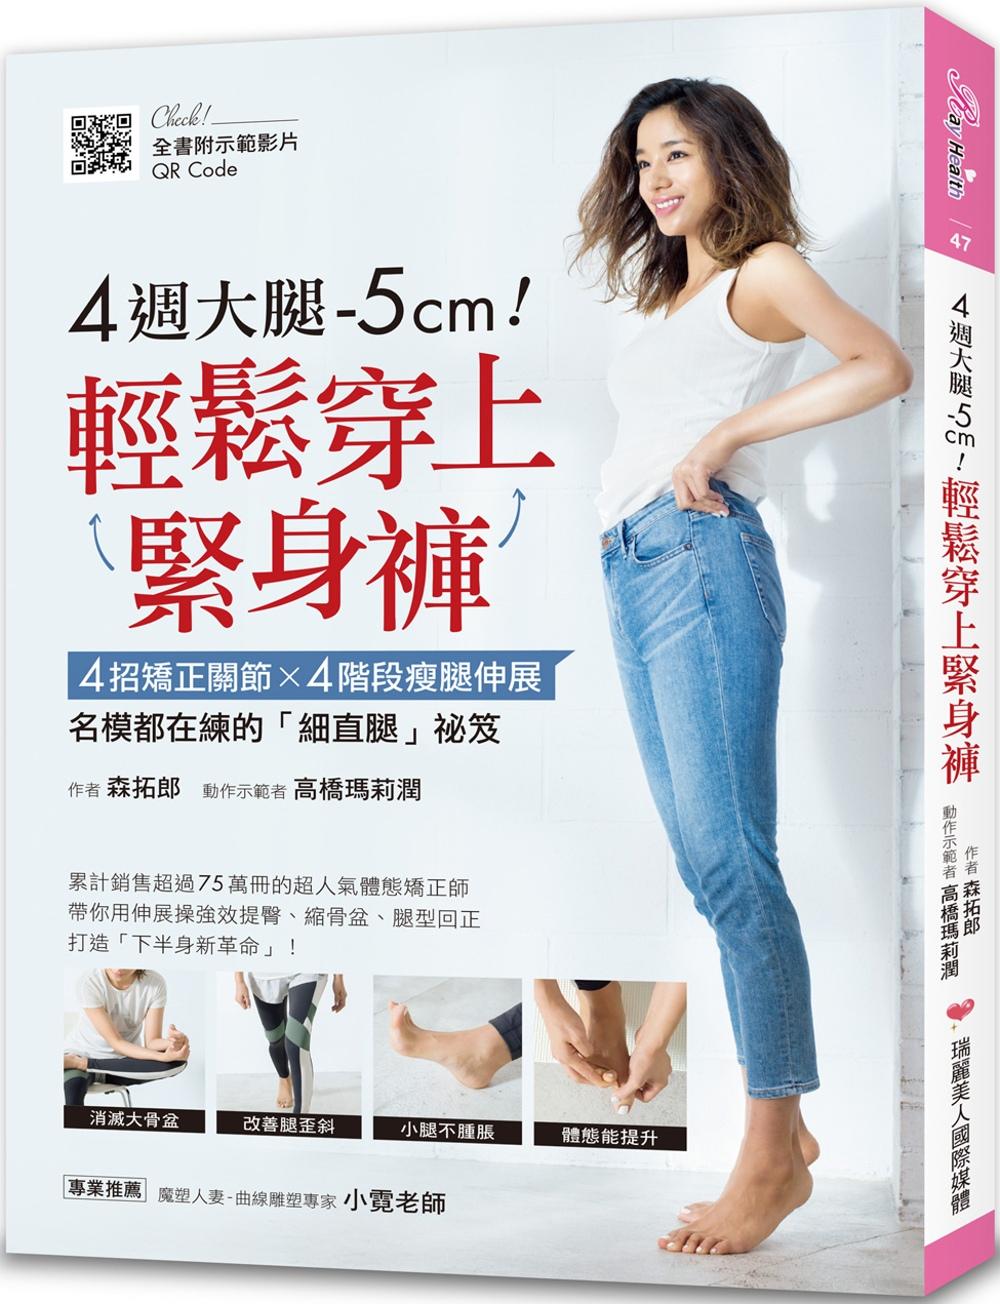 4週大腿-5cm!輕鬆穿上緊身褲:4招矯正關節✕4階段瘦腿伸展,名模都在練的「細直腿」祕笈(全書附示範影片QRCode)